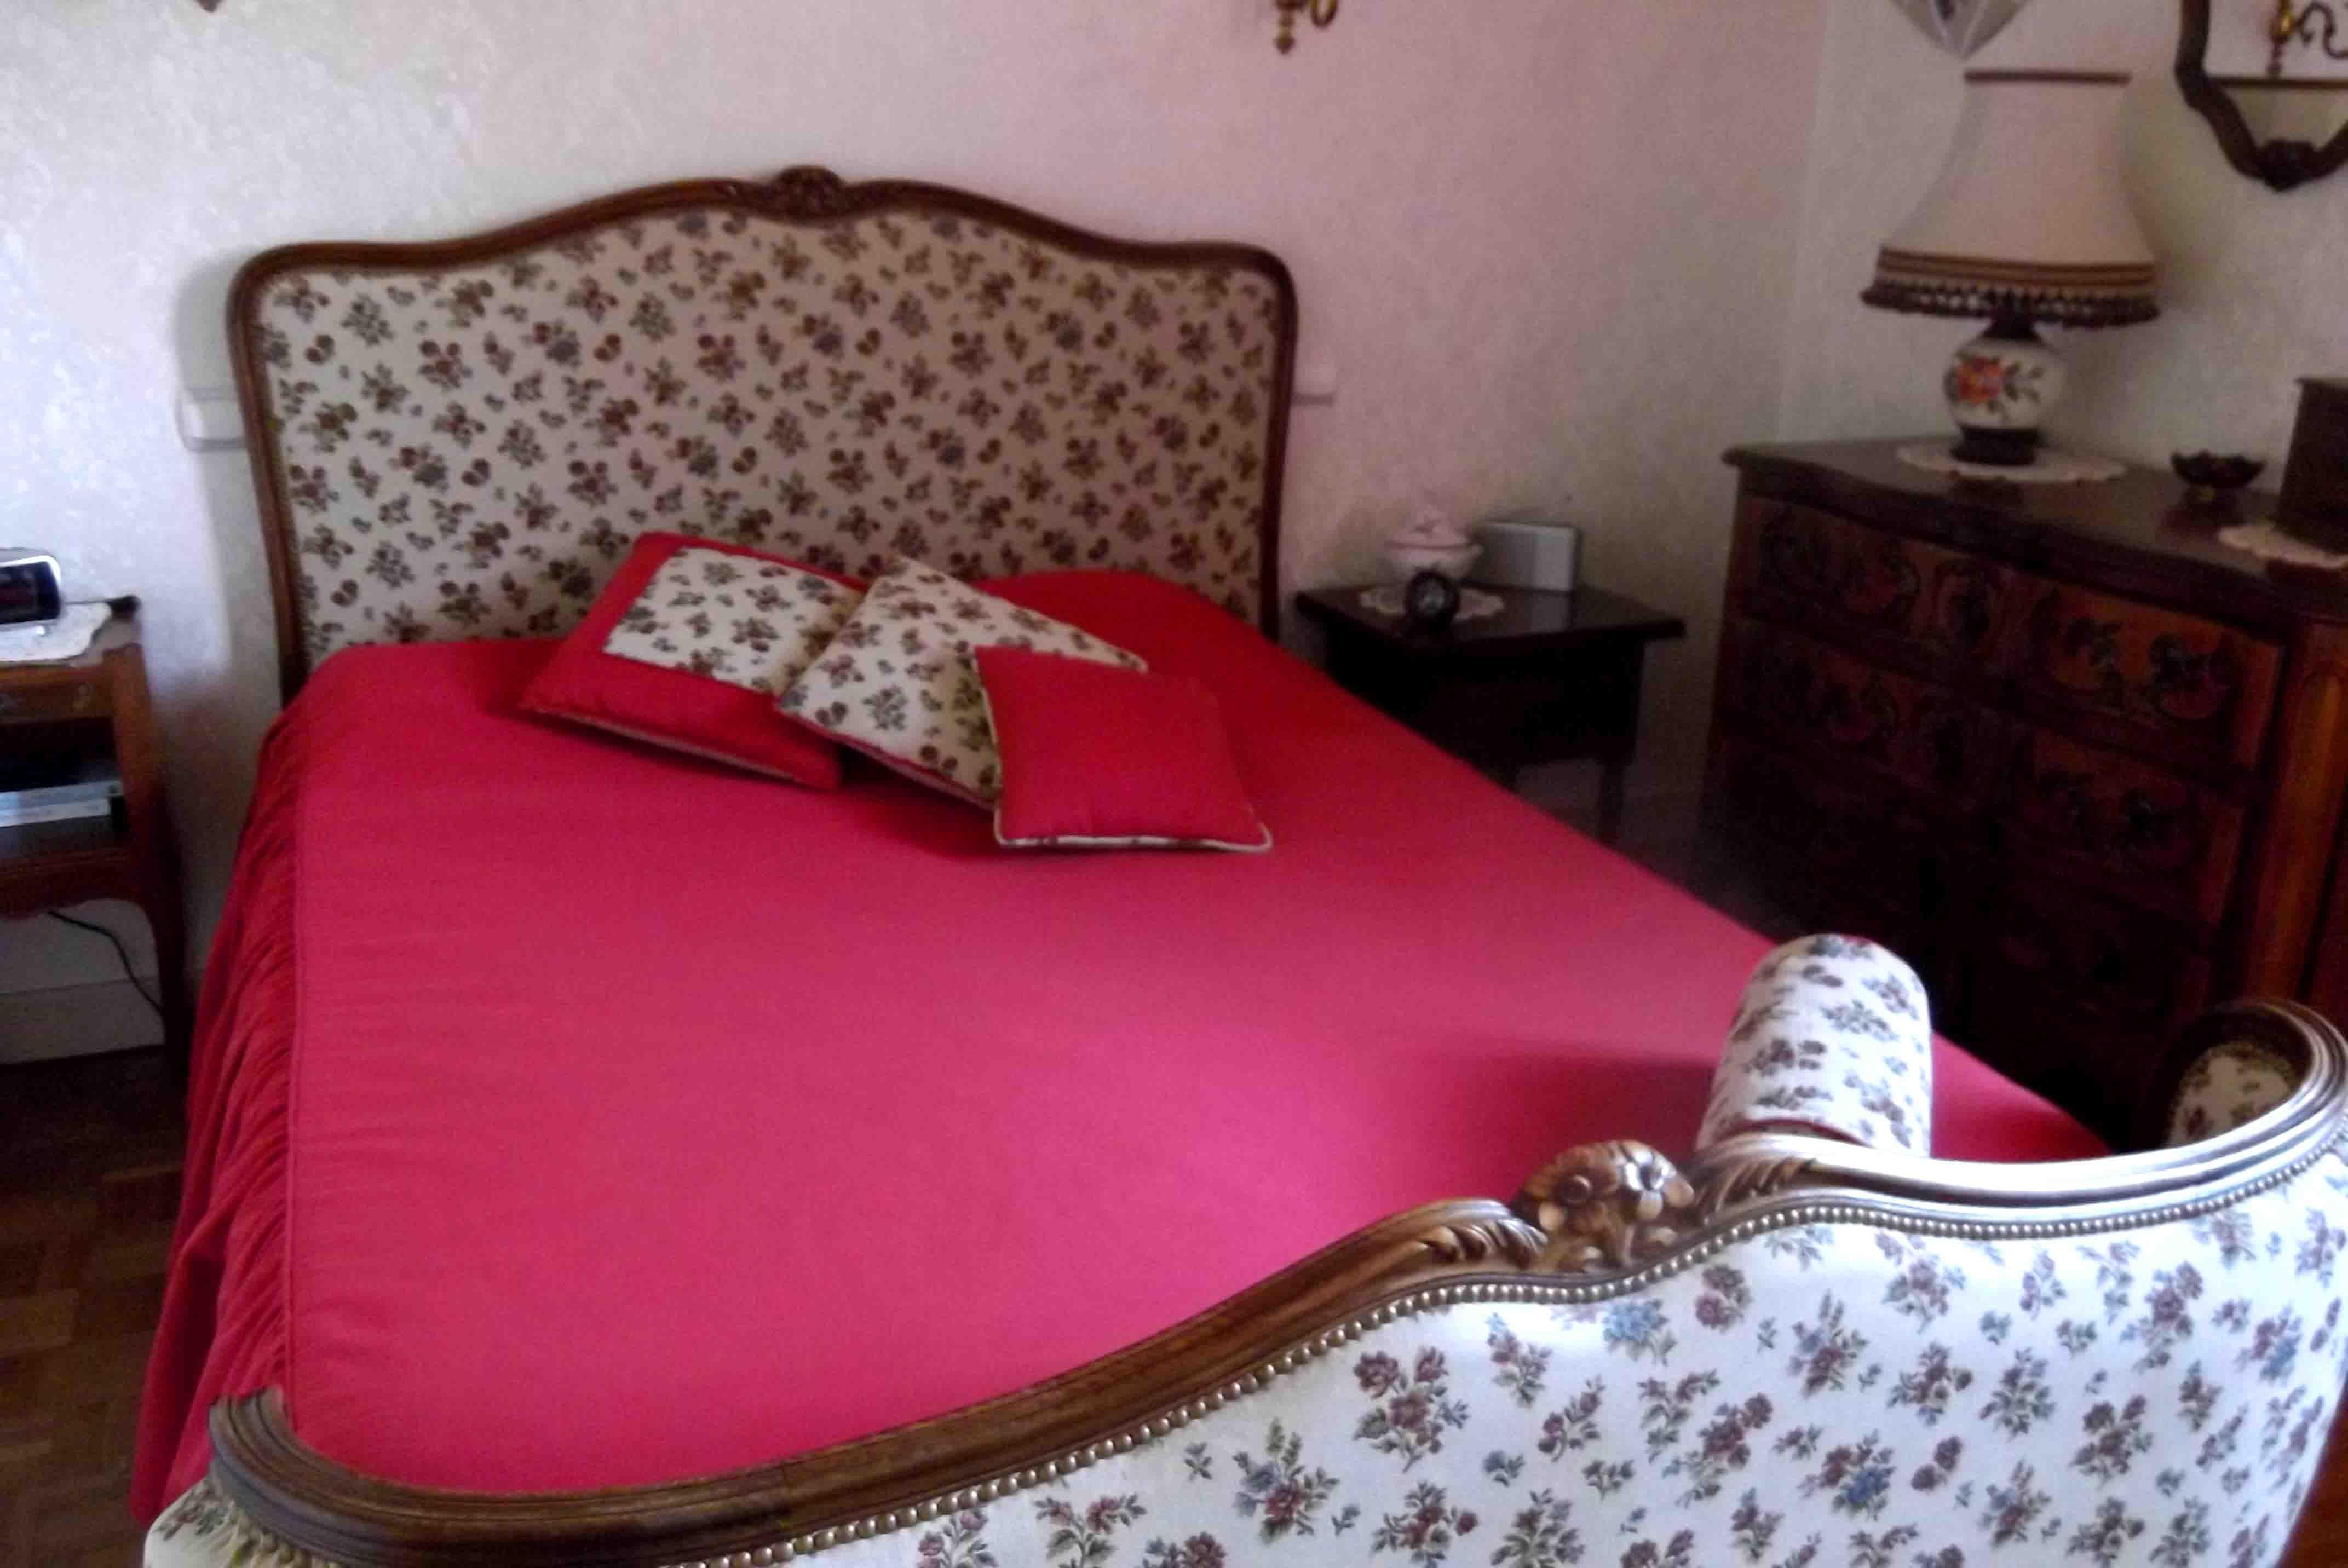 ameublement couvre lit Tête de lit et couvre lit Couture d'ameublement de l'Atelier  ameublement couvre lit